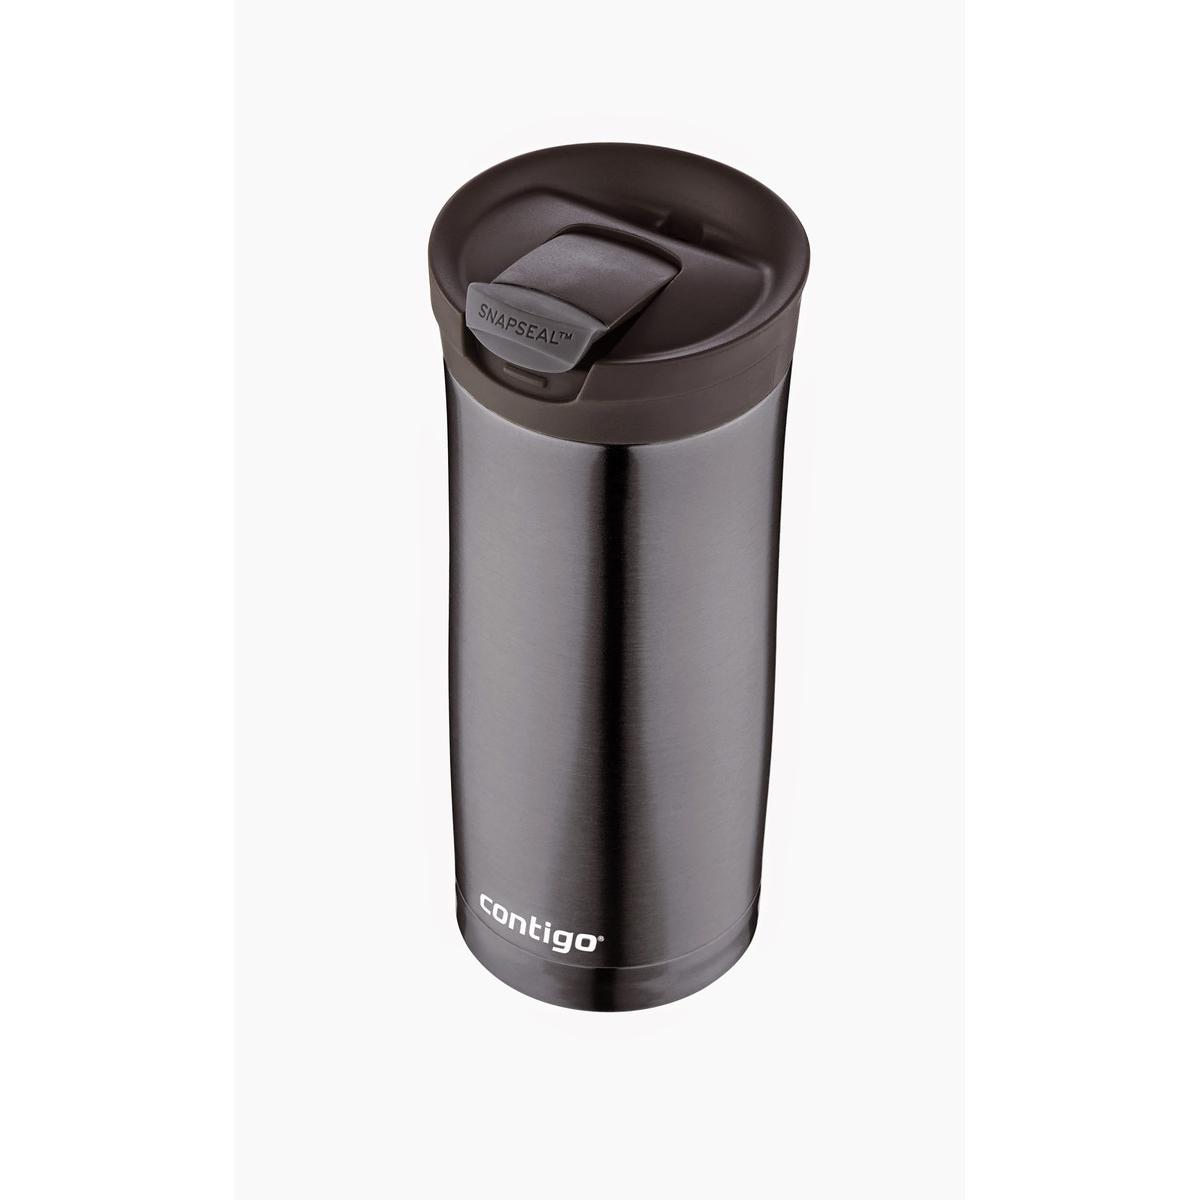 Термокружка Contigo huron, цвет: черный, 470 млCONTIGO0504Лаконичный и строгий дизайн, - это визитная карточка термокружки Contigo huron. Но она совмещает в себе непревзойденные технологии, которые сберегут надолго температуру вашего напитка и уверенность в том, что ни одной капли не прольется, благодаря запатентованному замку Snapseal. Возьмите термокружку Contigo huron себе в подарок или своим близким.